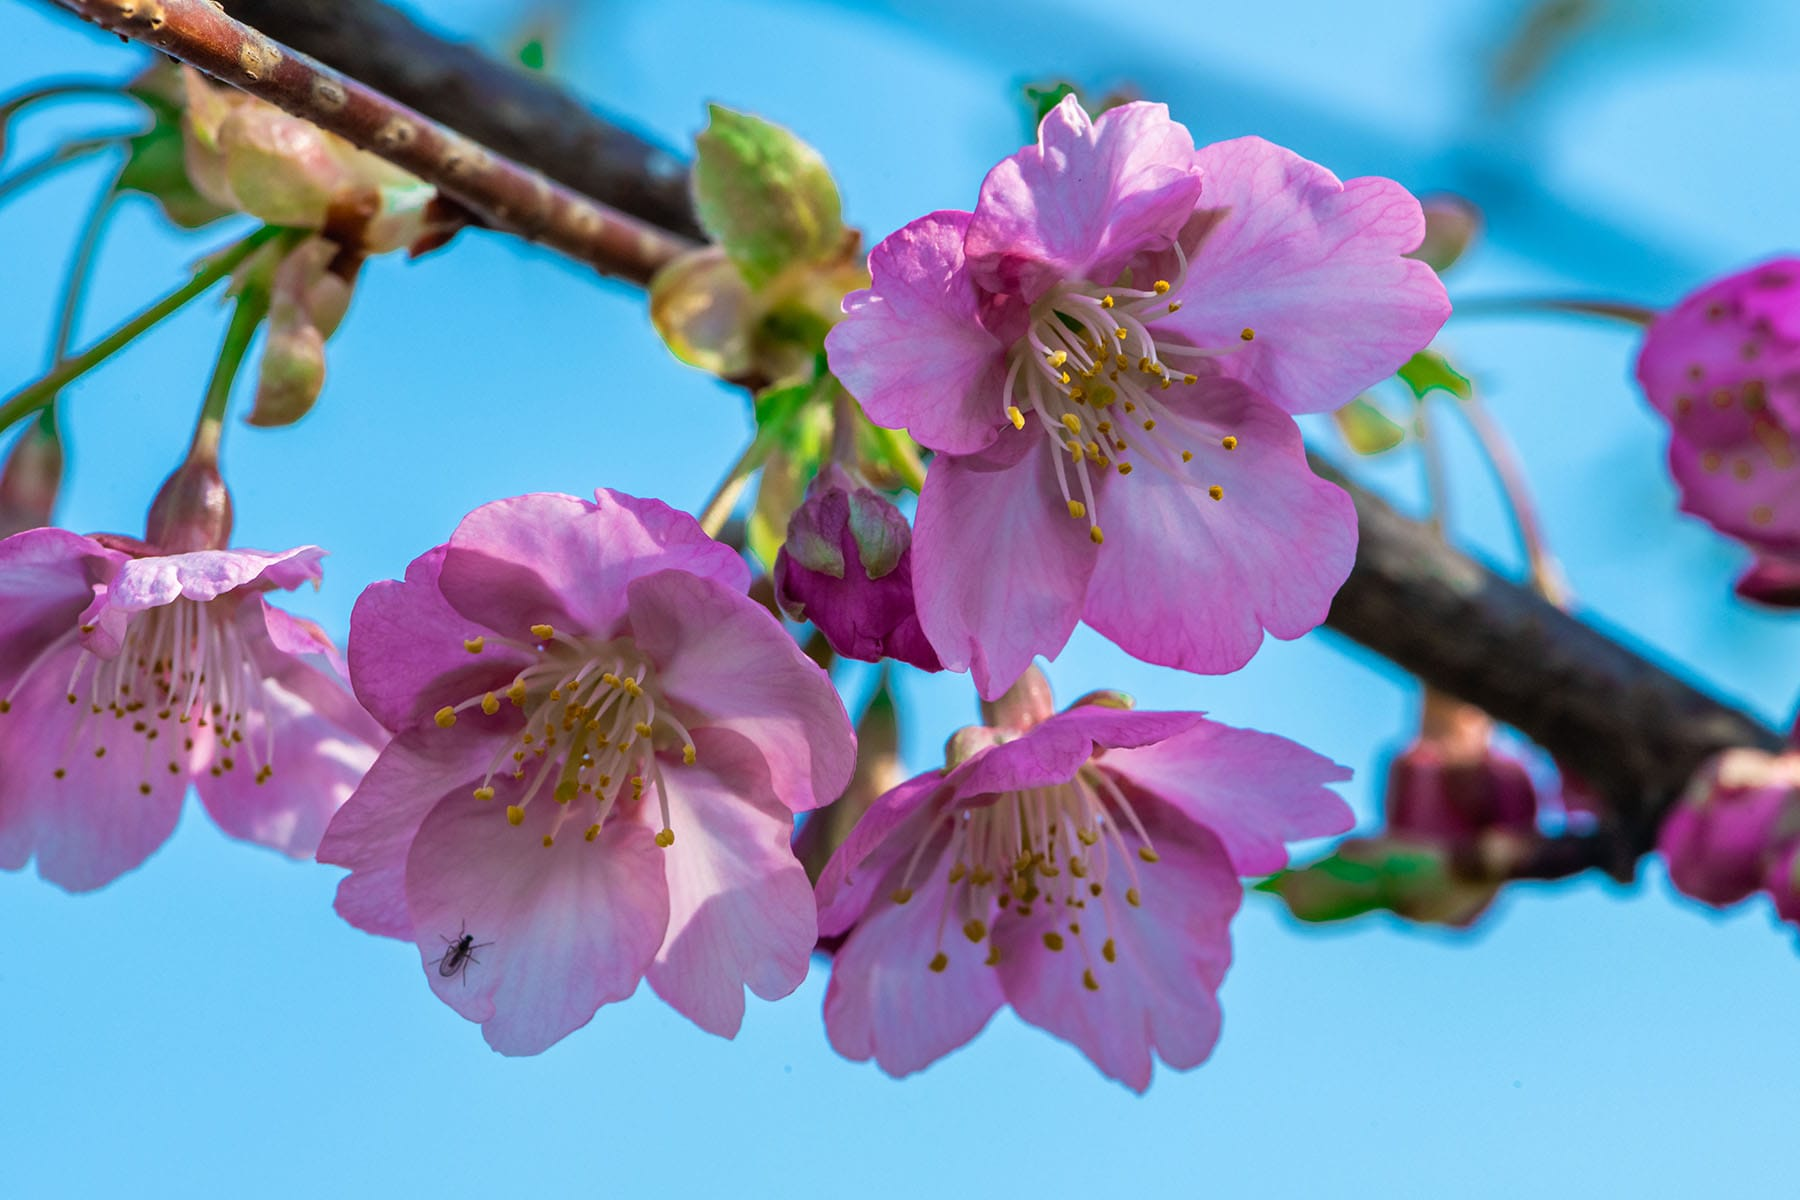 幸手権現堂桜まつり | フォトさいたま